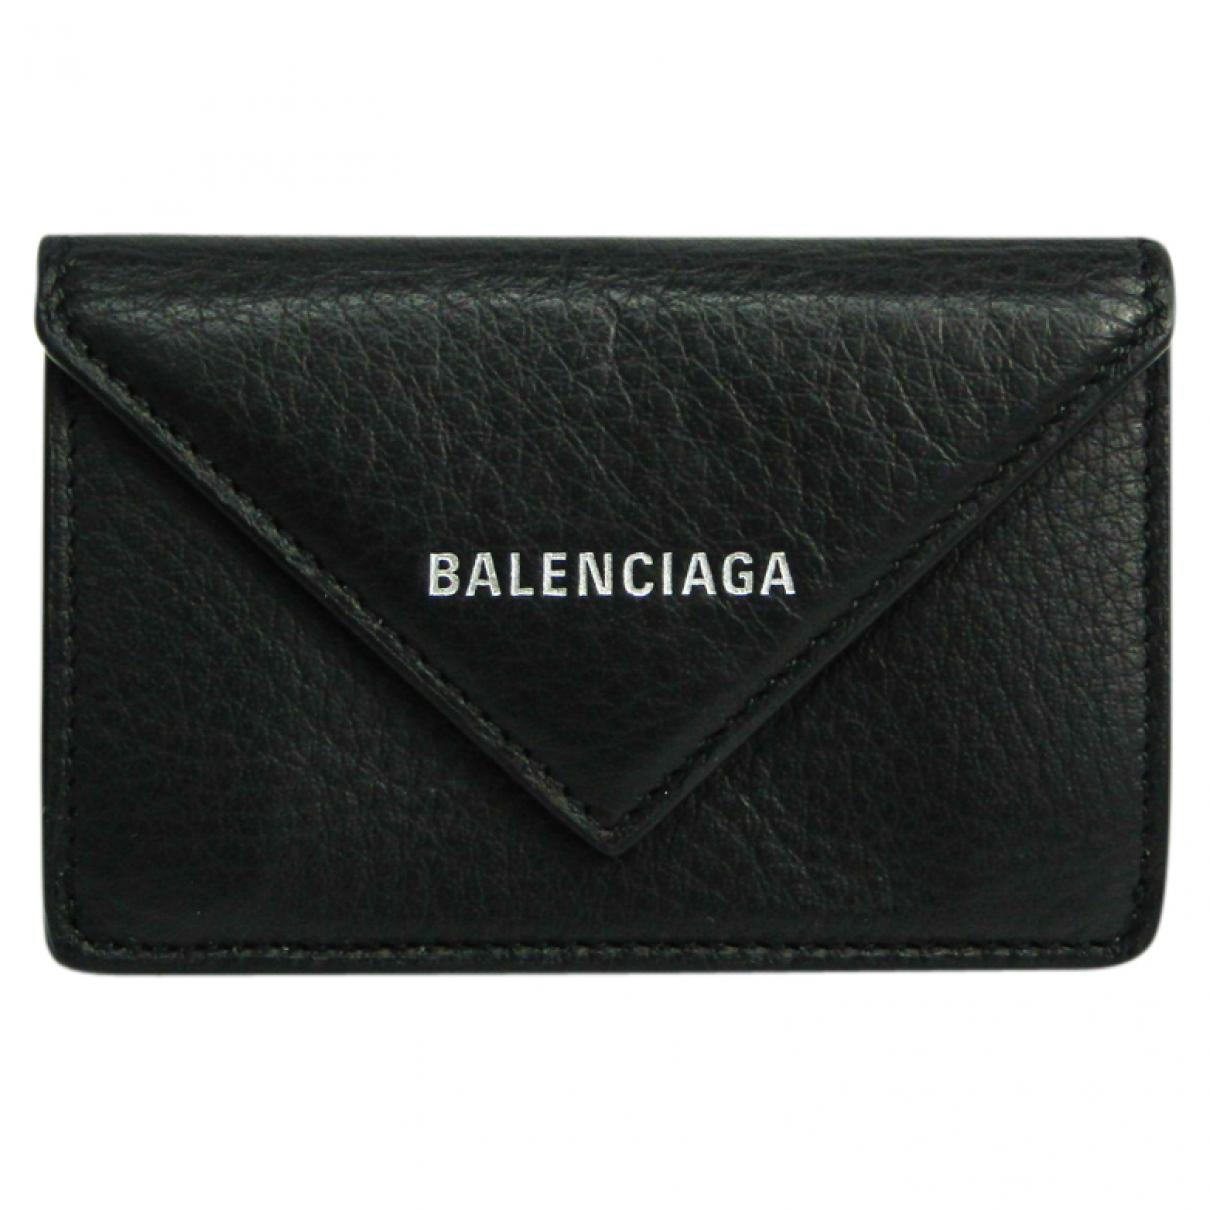 Balenciaga N Black Leather wallet for Women N